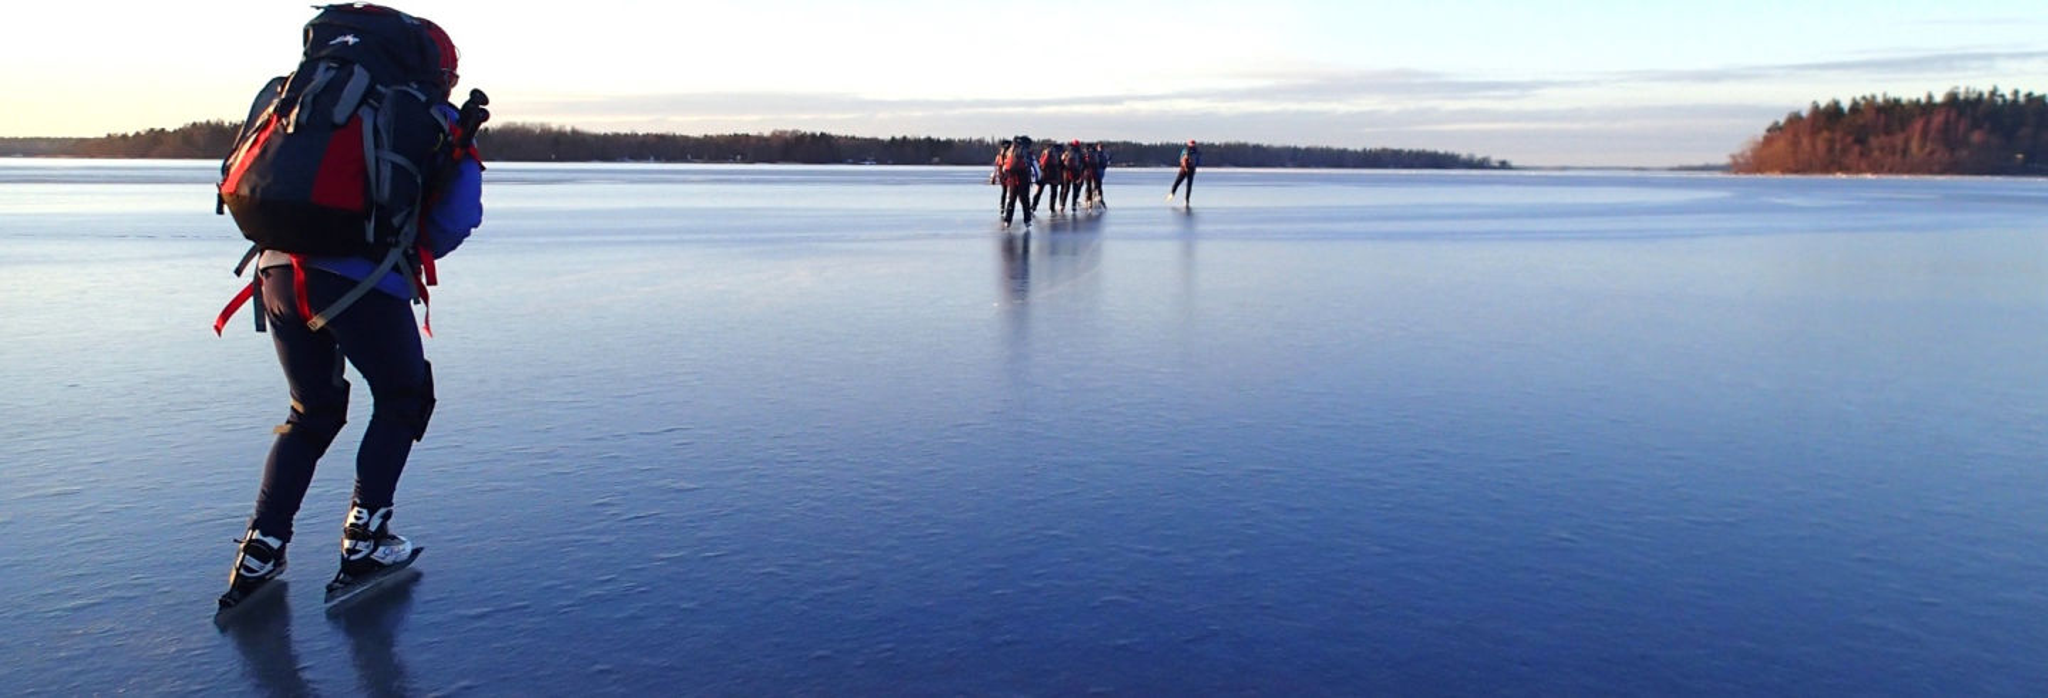 Clase de patinaje sobre hielo en Estocolmo